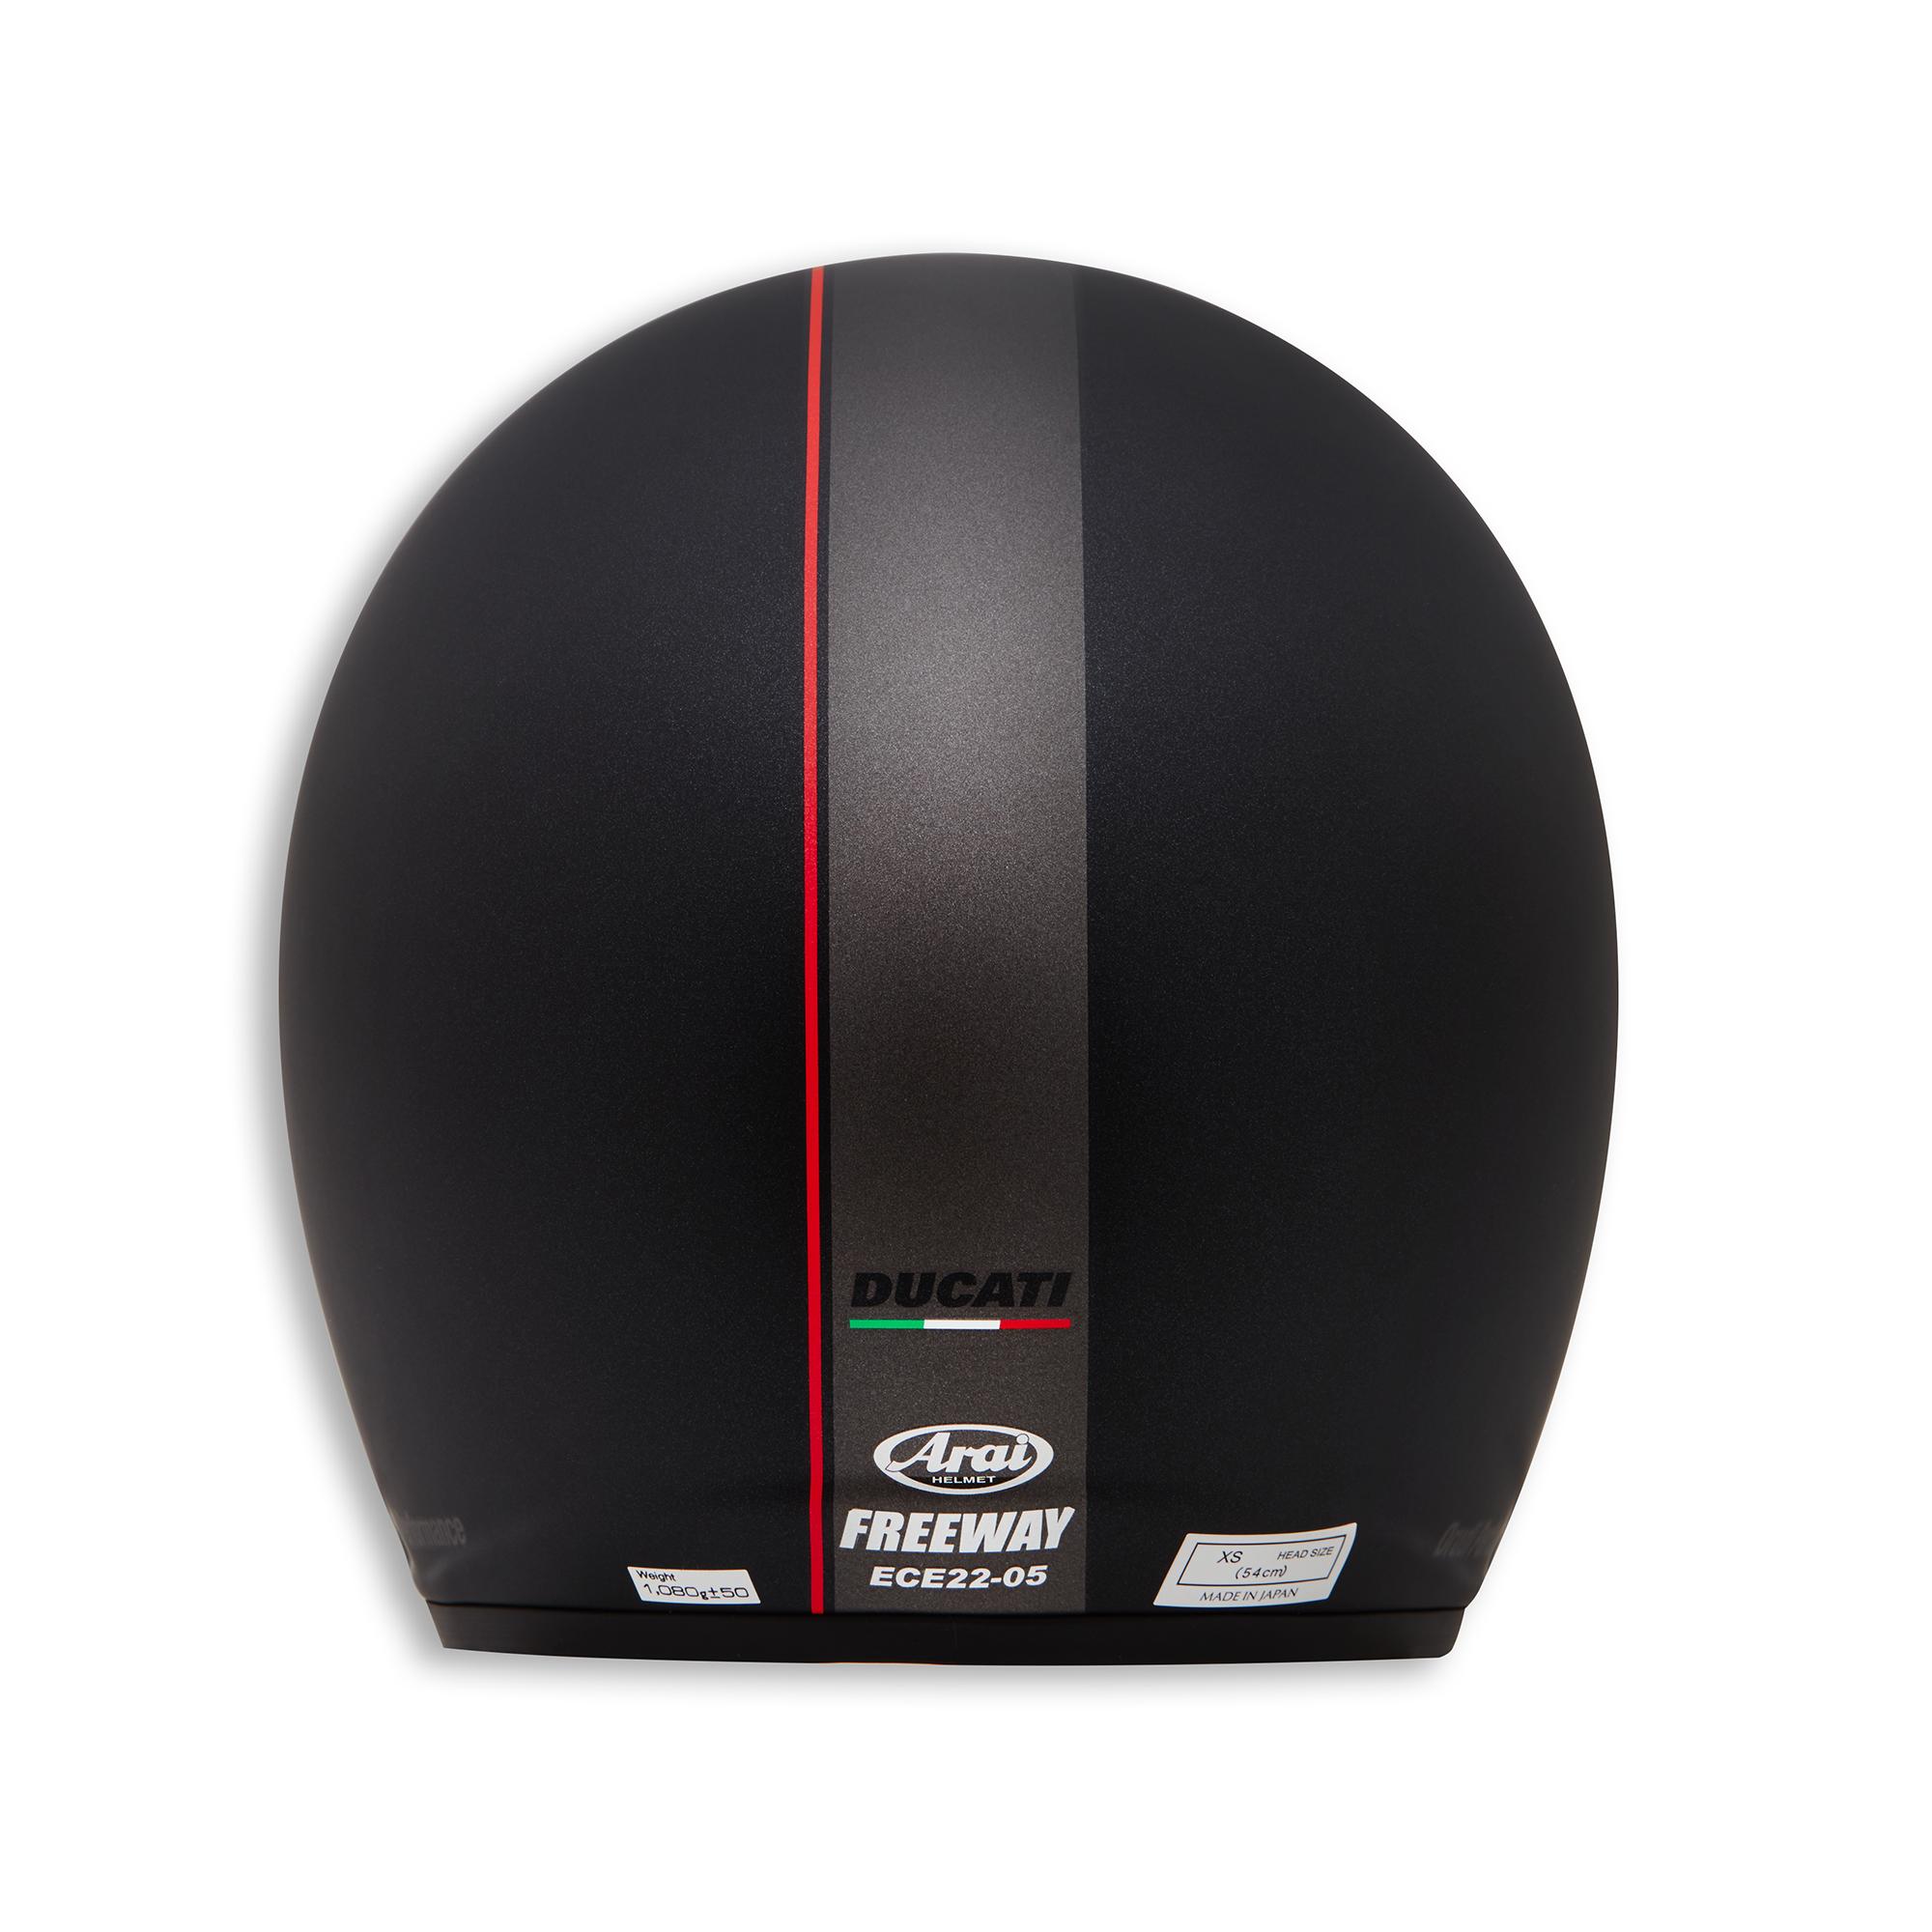 Merge - Open face helmet